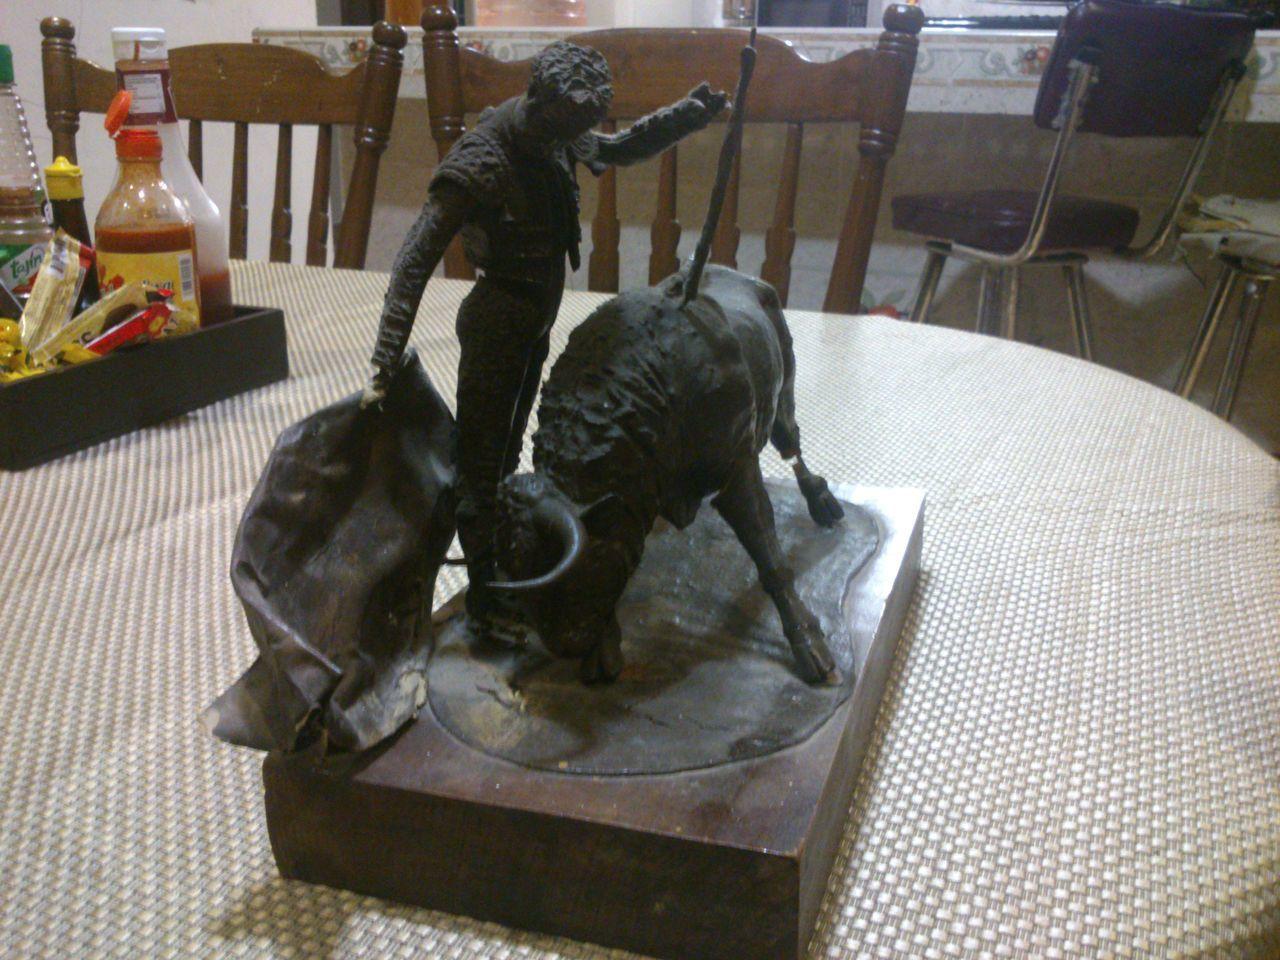 Animal Themes Day Domestic Animals Esculturas Y Estatuas Indoors  Manolo Martíne No People One Animal Sculpture Statue Table Toreros